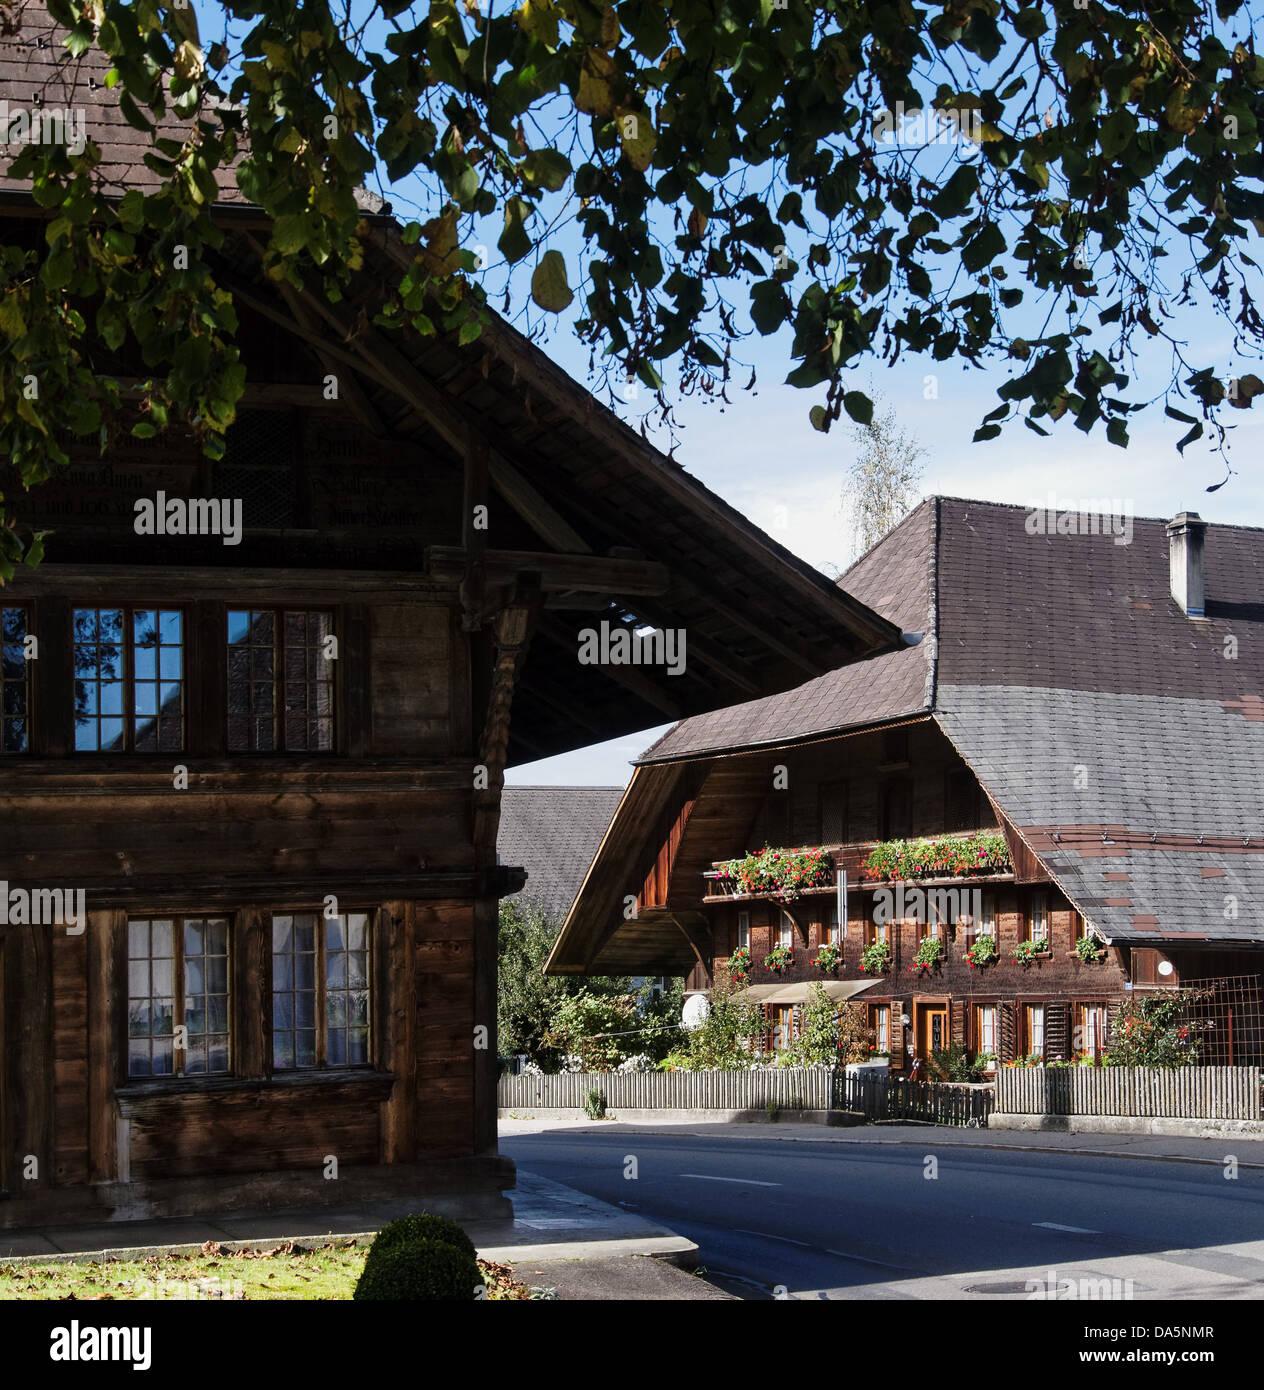 Bauernhaus bauernhof dach dorf emmental hof garten - Bauernhof garten ...